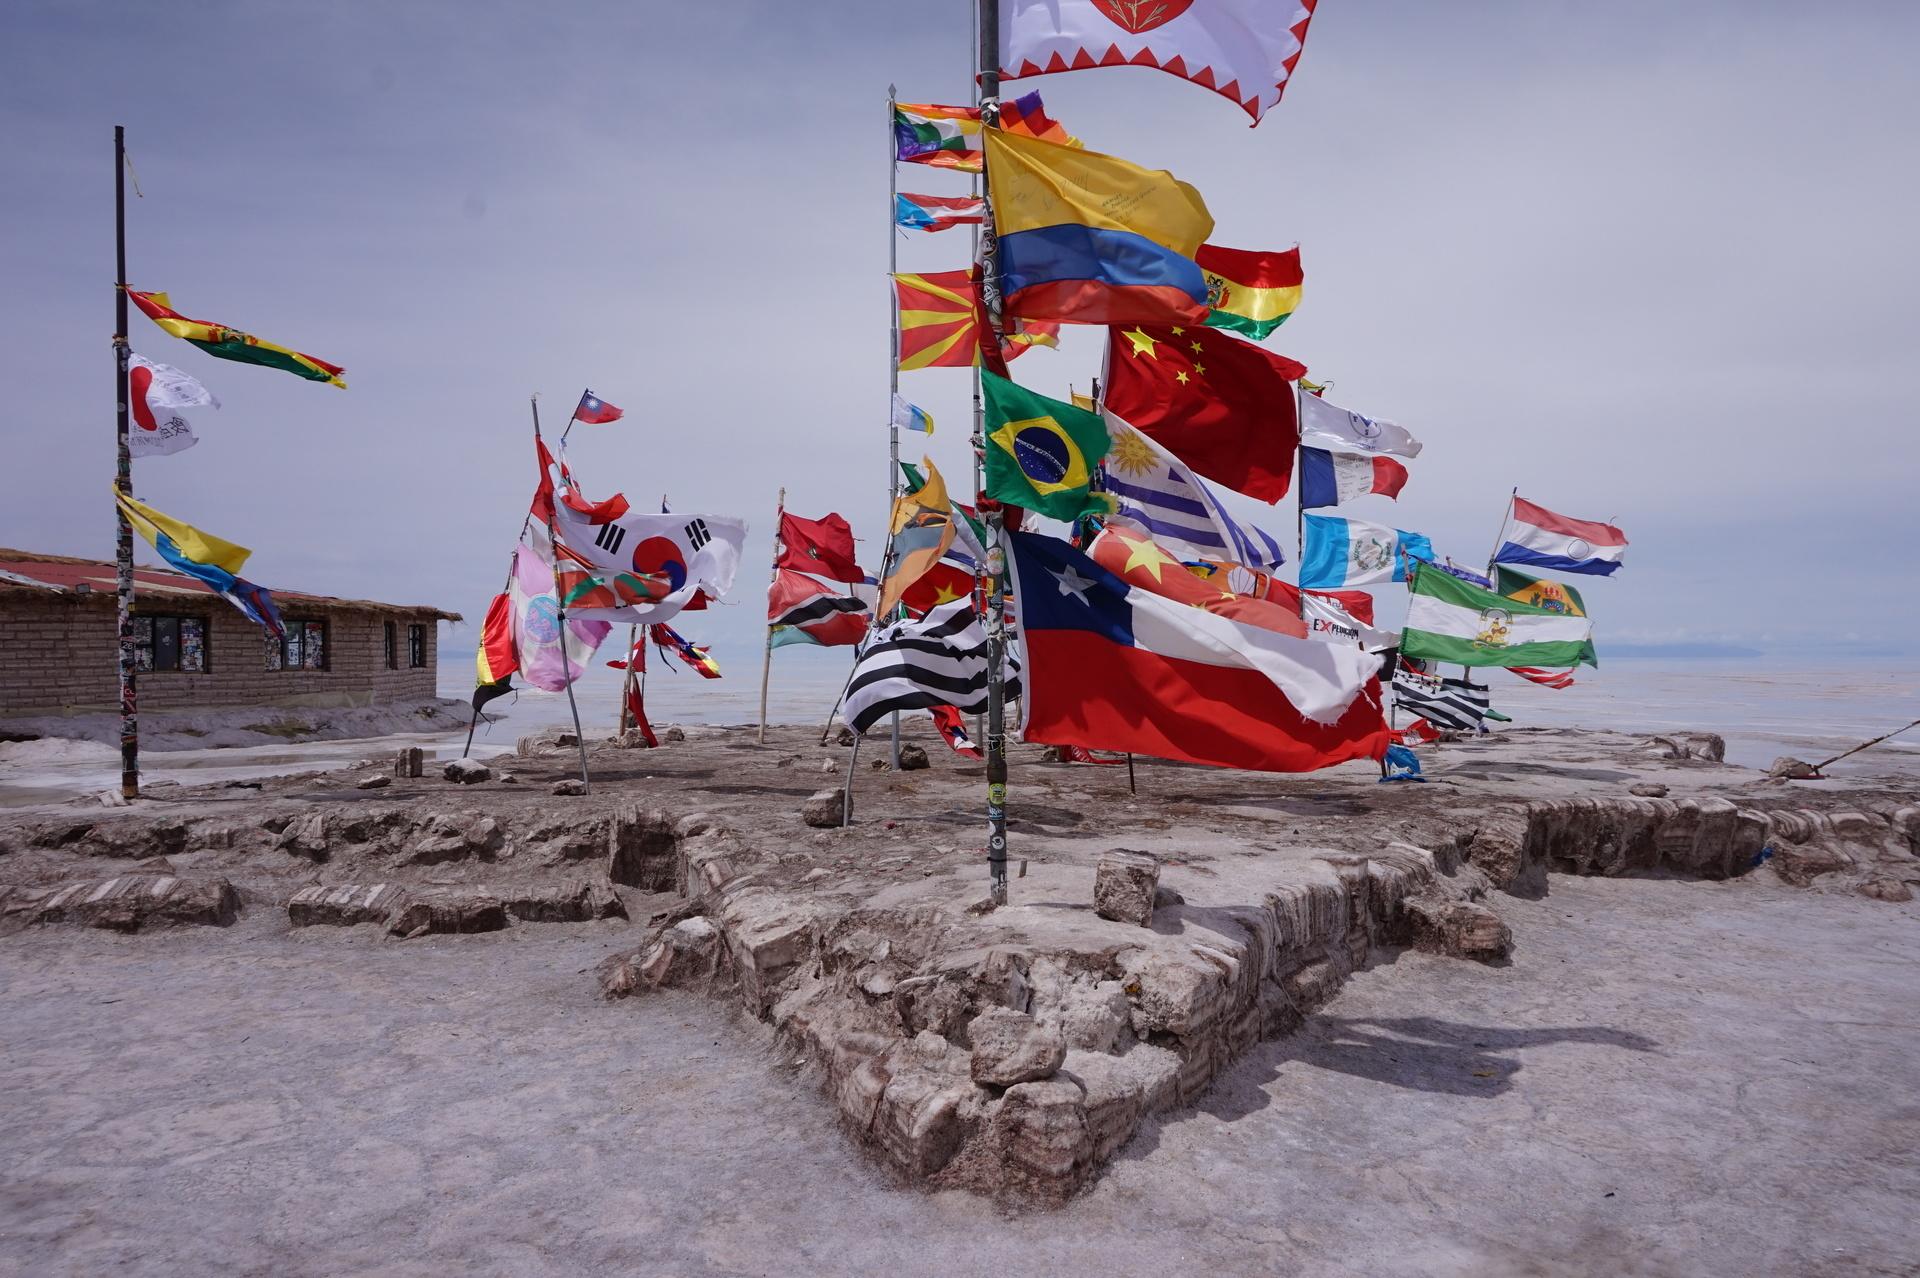 チリ ボリビア ウユニ旅行 2泊3日ツアー サンライズ 星型